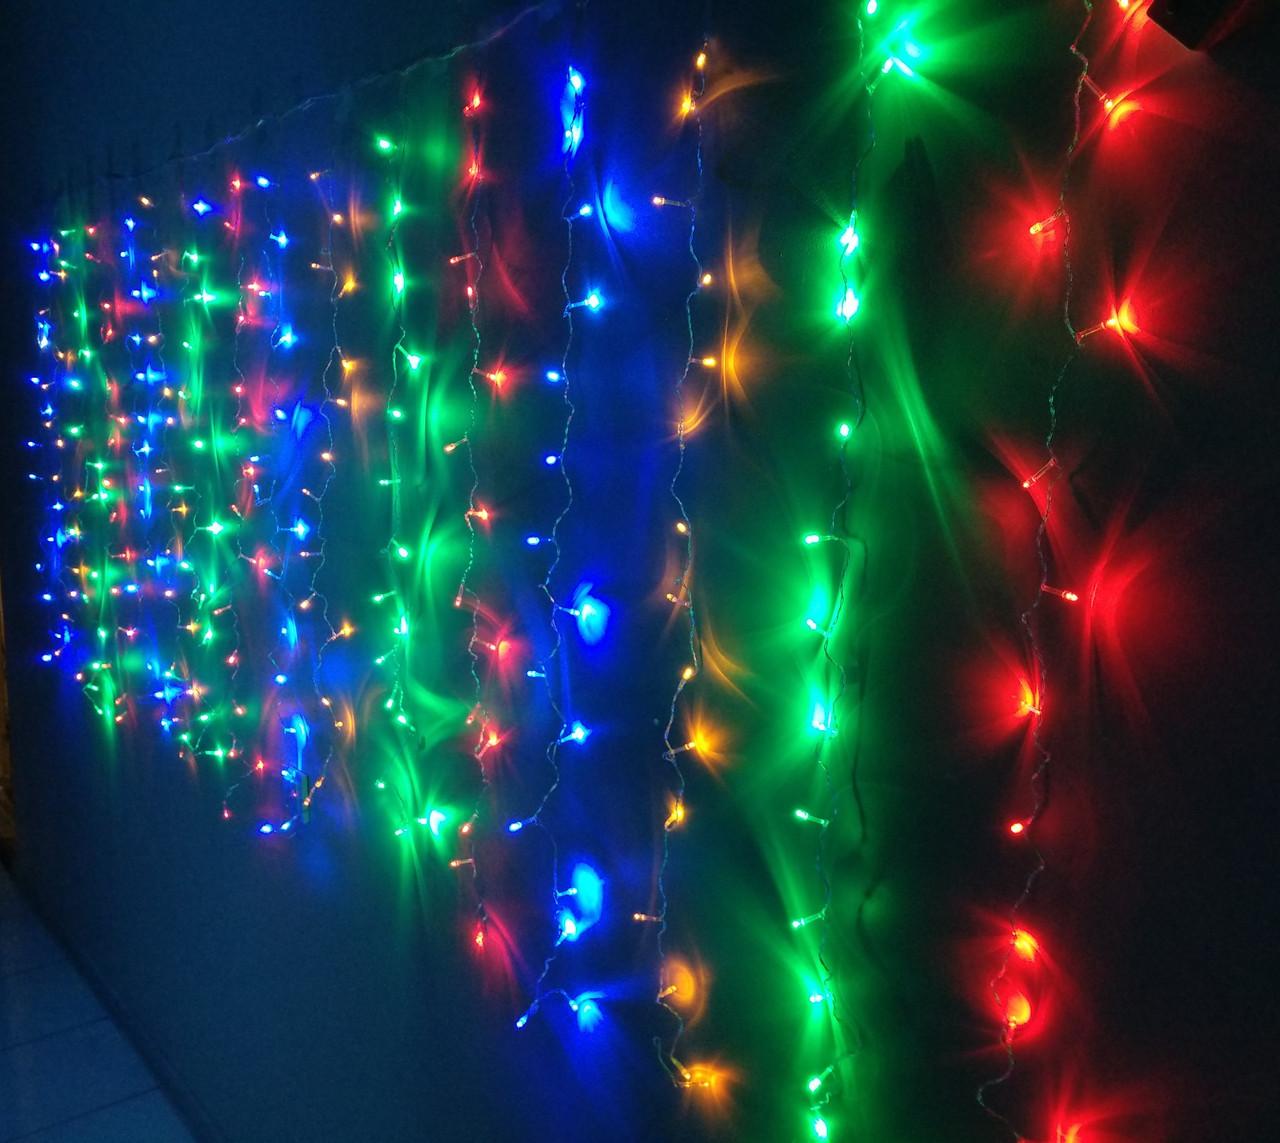 Гирлянда светодиодная Штора 240 л. LED (8 режимов) 3x1.4 м